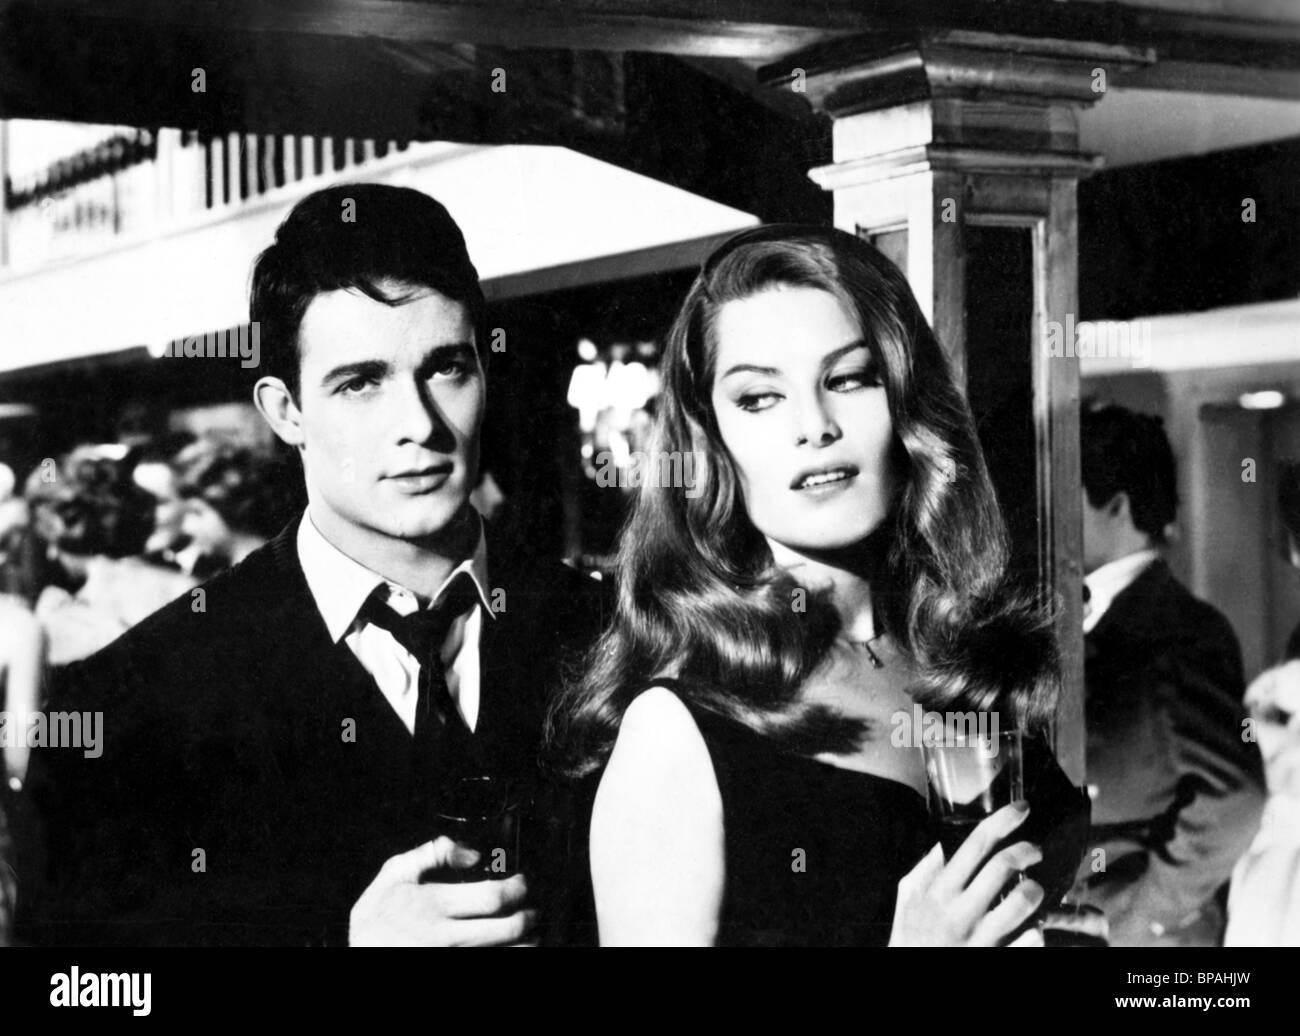 JACQUES CHARRIER, ANOUK AIMEE, i giovani non hanno morale, 1959 Immagini Stock